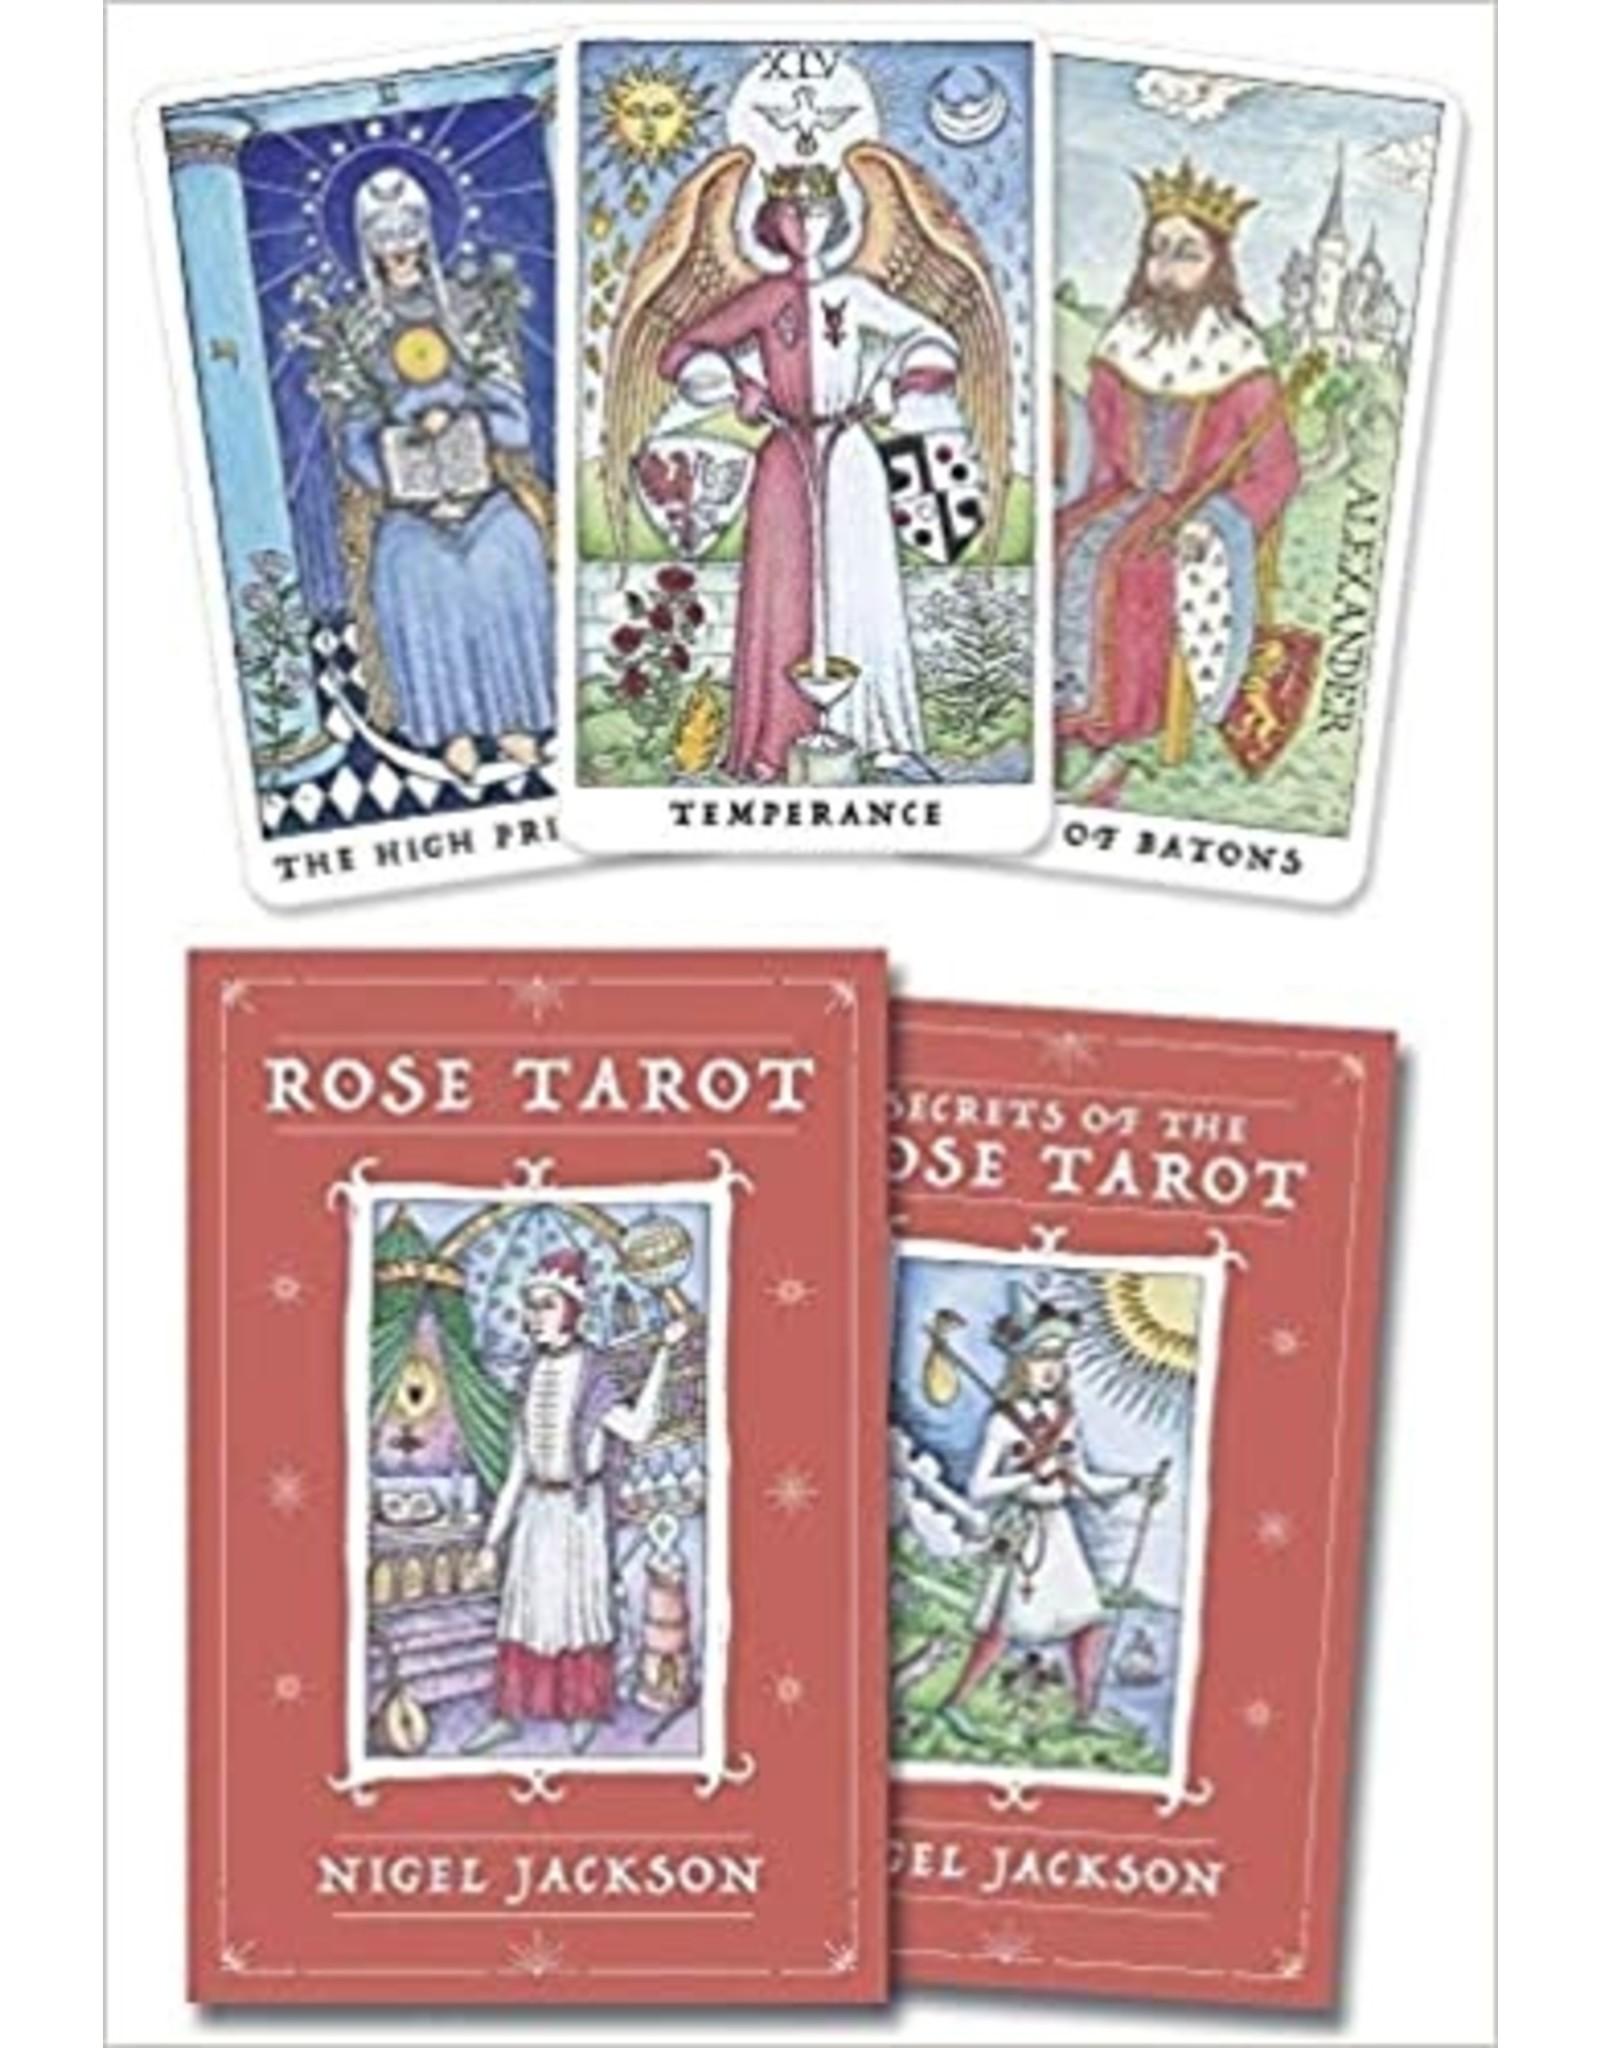 Rose Tarot